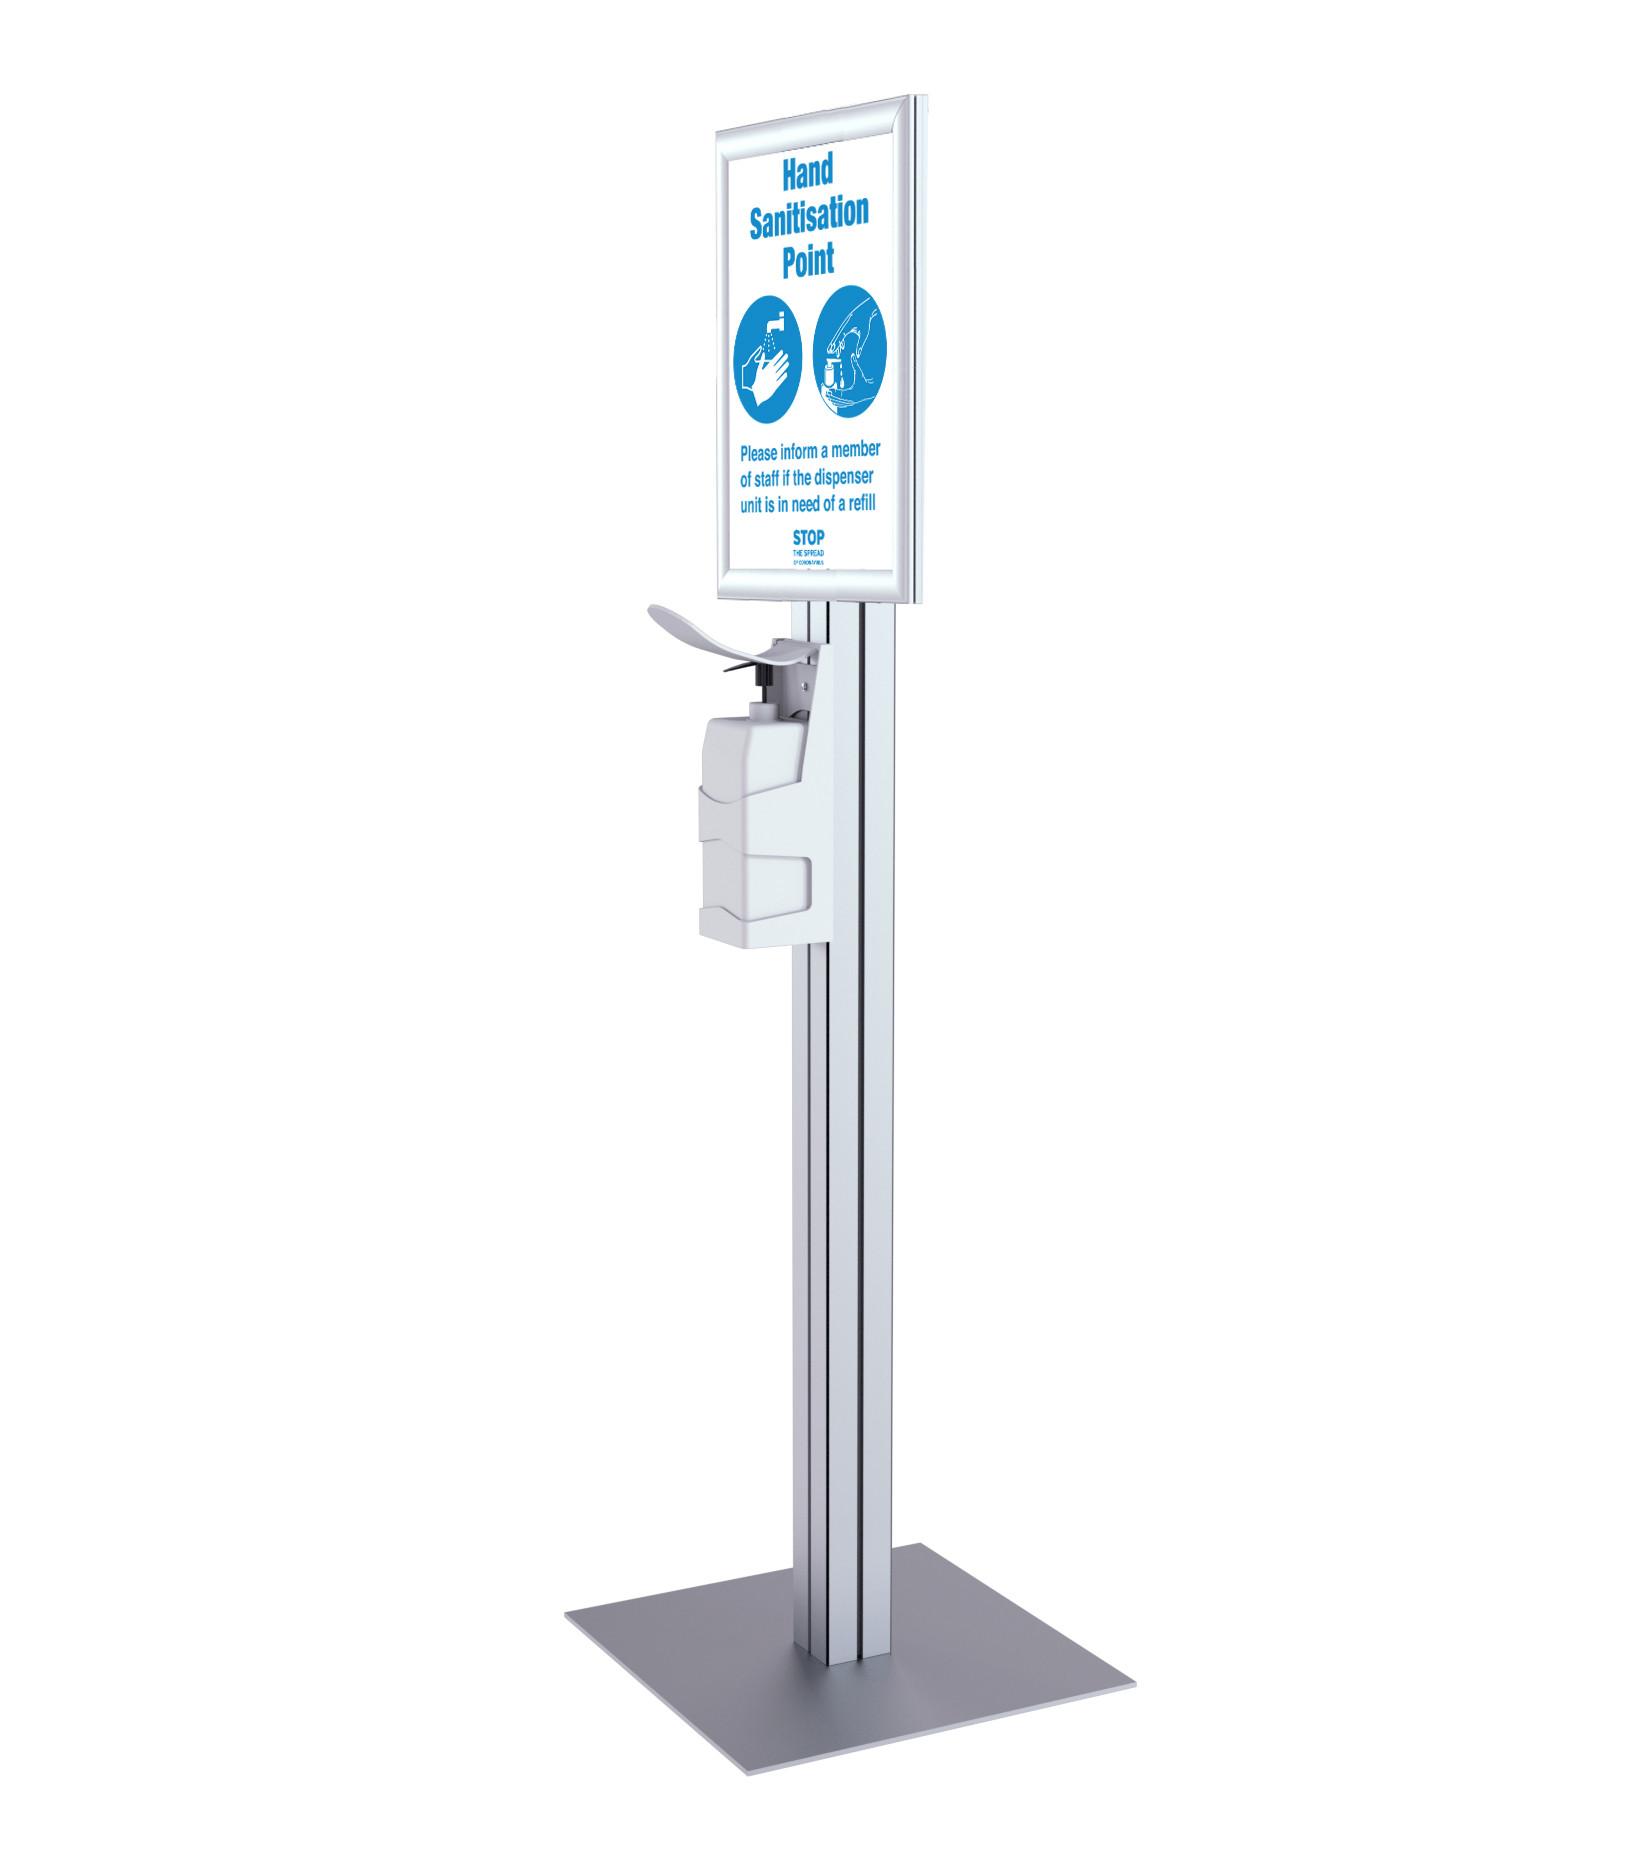 Freestanding Sanitiser Dispenser – A3 Snap Frame